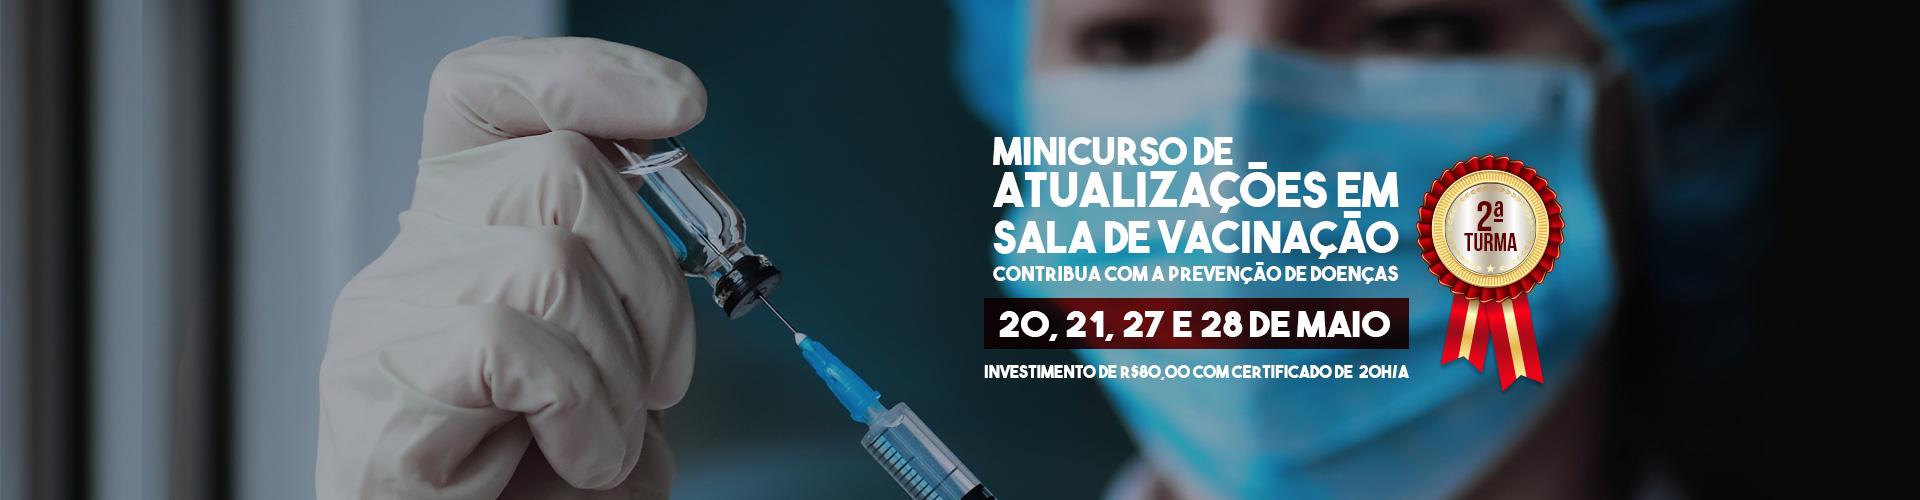 minicurso-de-vacinao